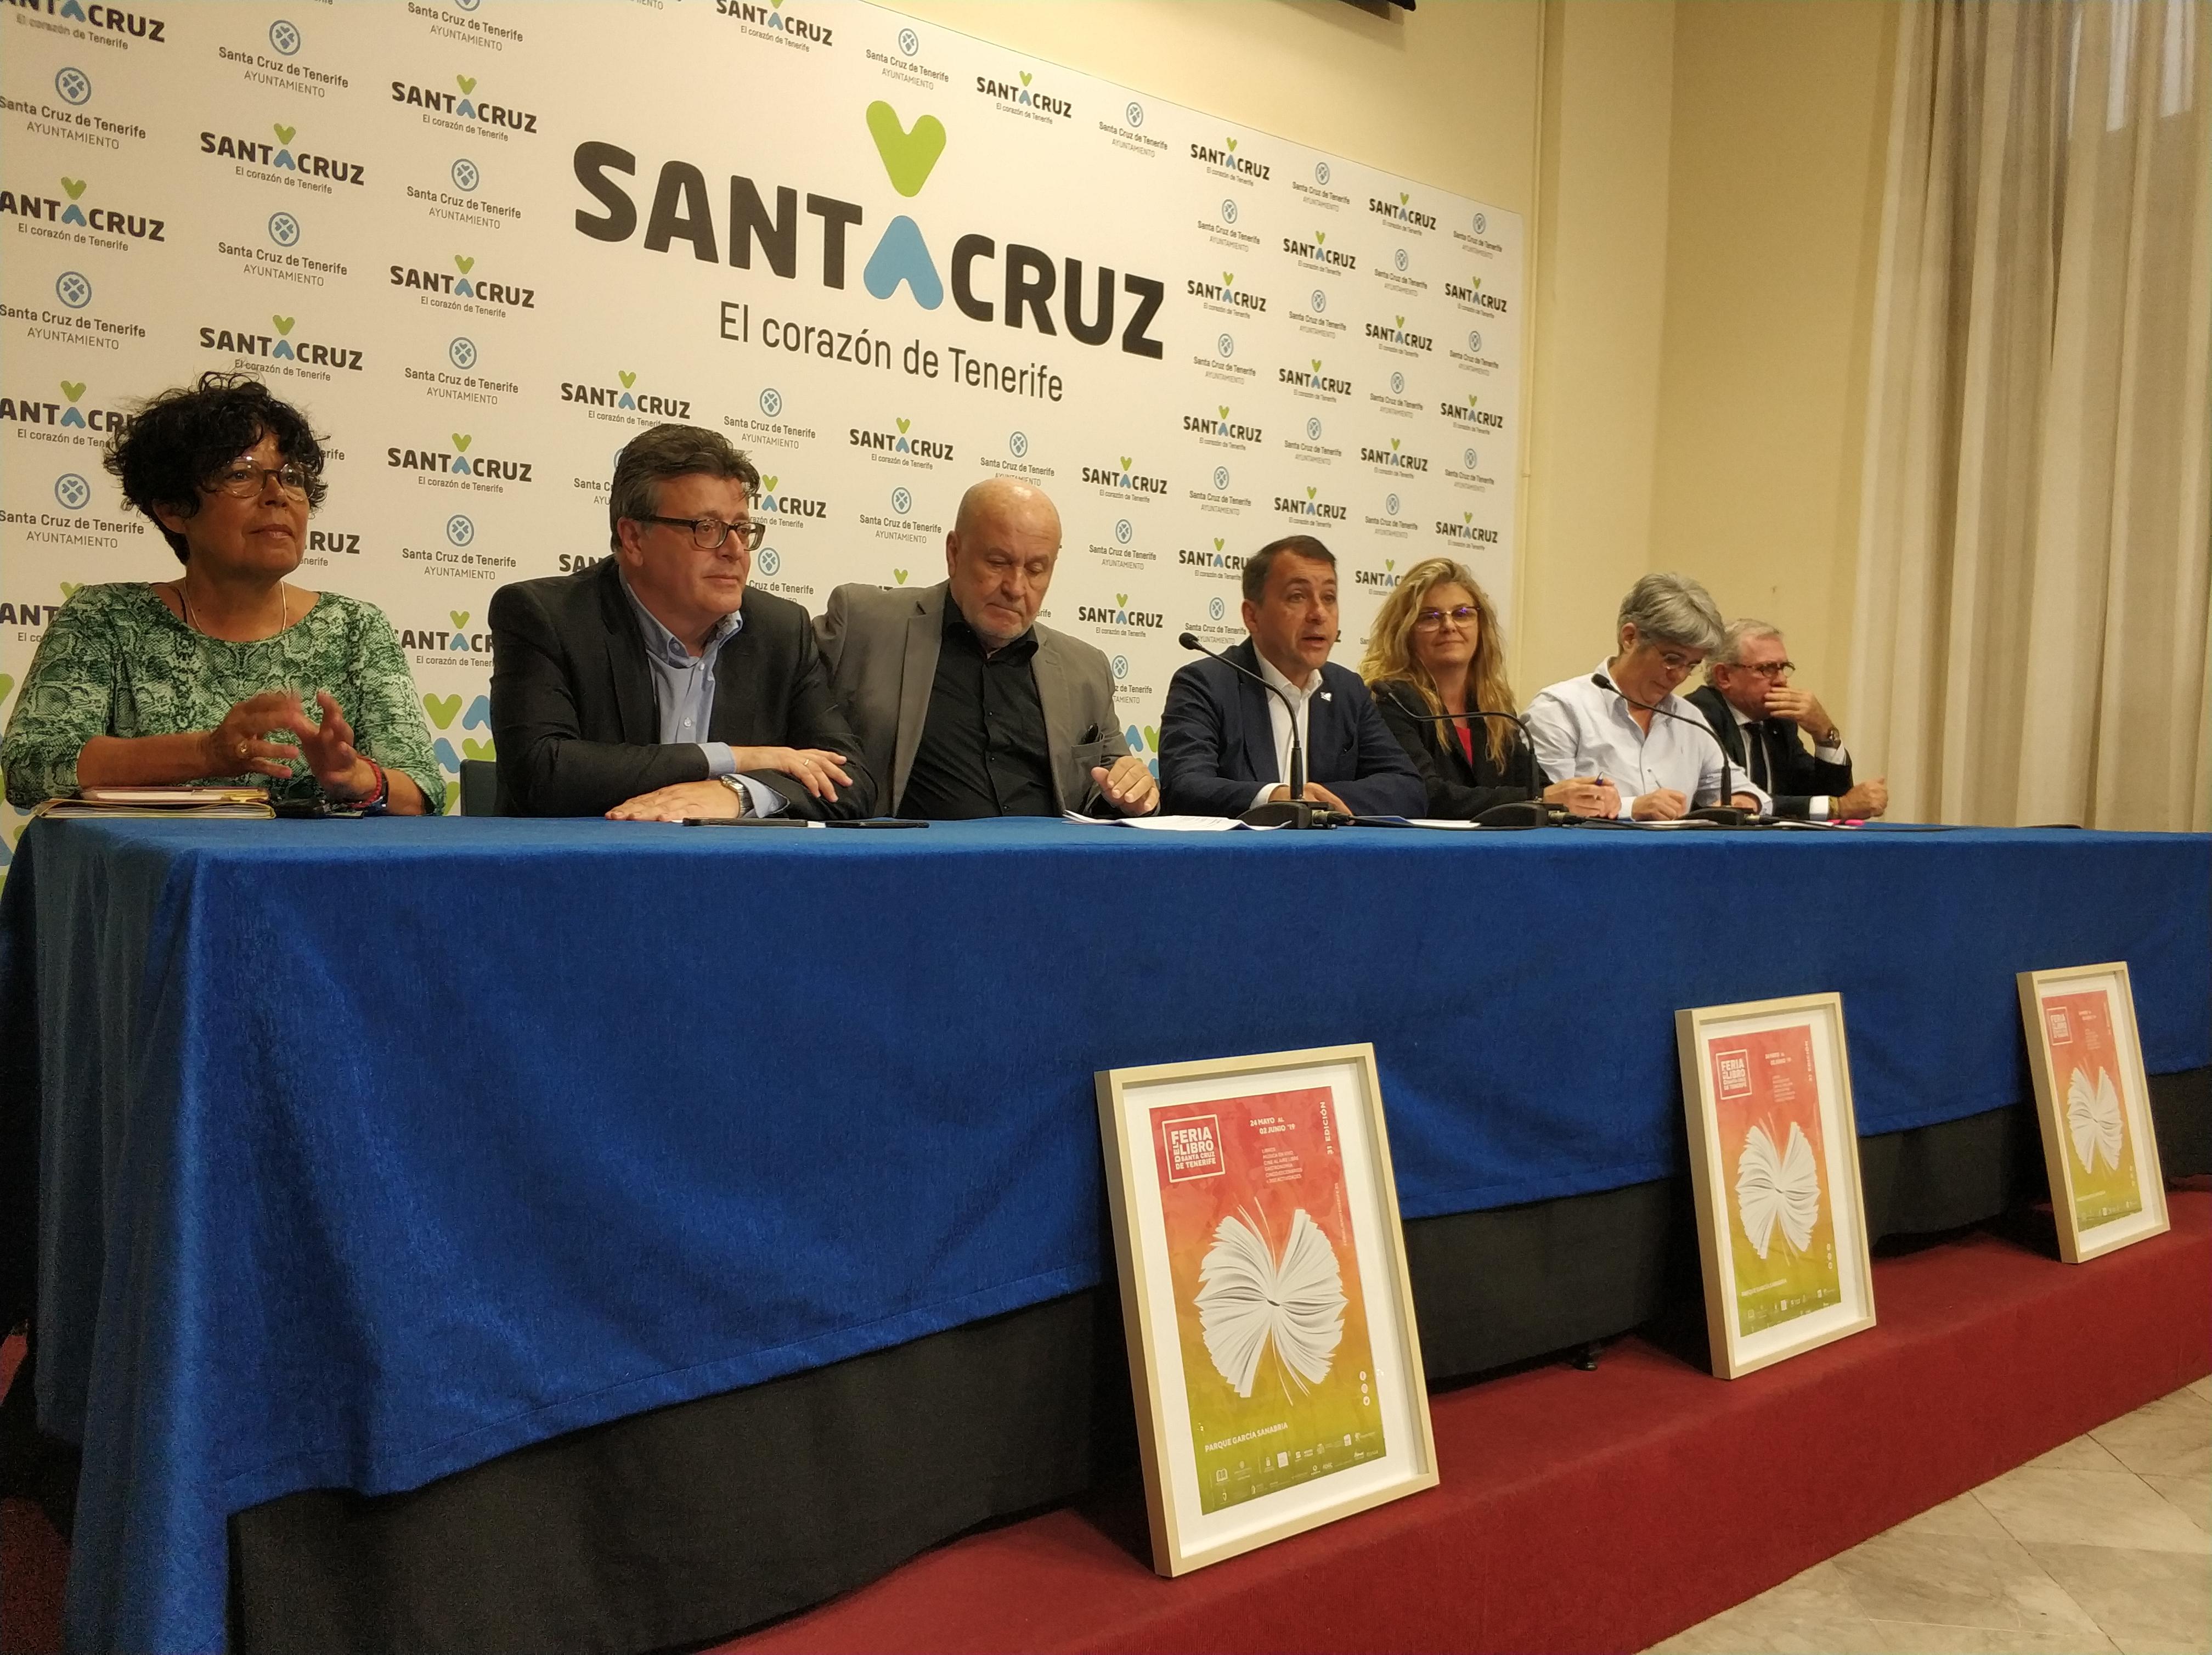 La Feria del Libro de Santa Cruz de Tenerife 2019 crece en actos y días